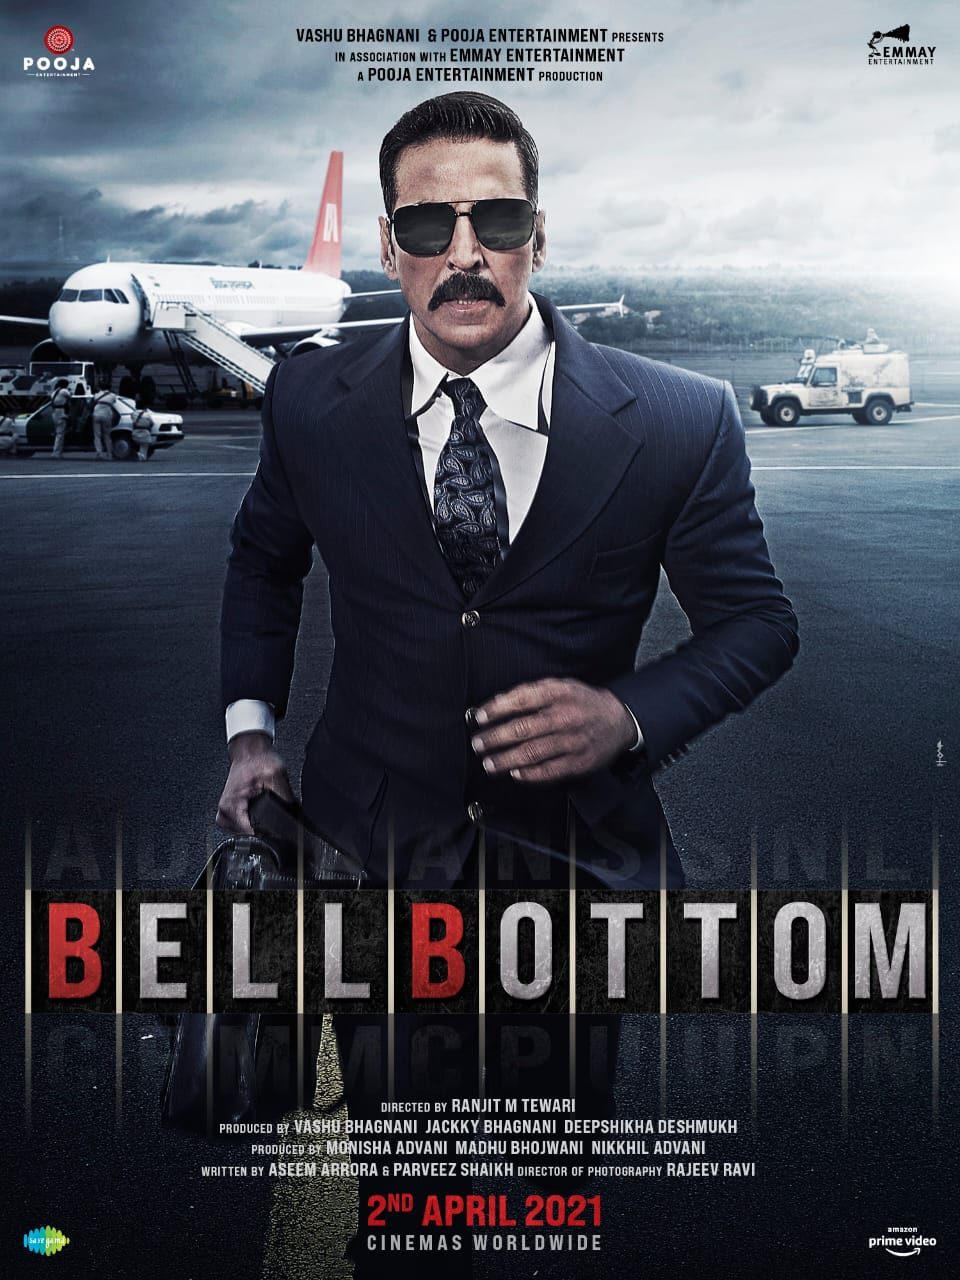 Bell Bottom poster